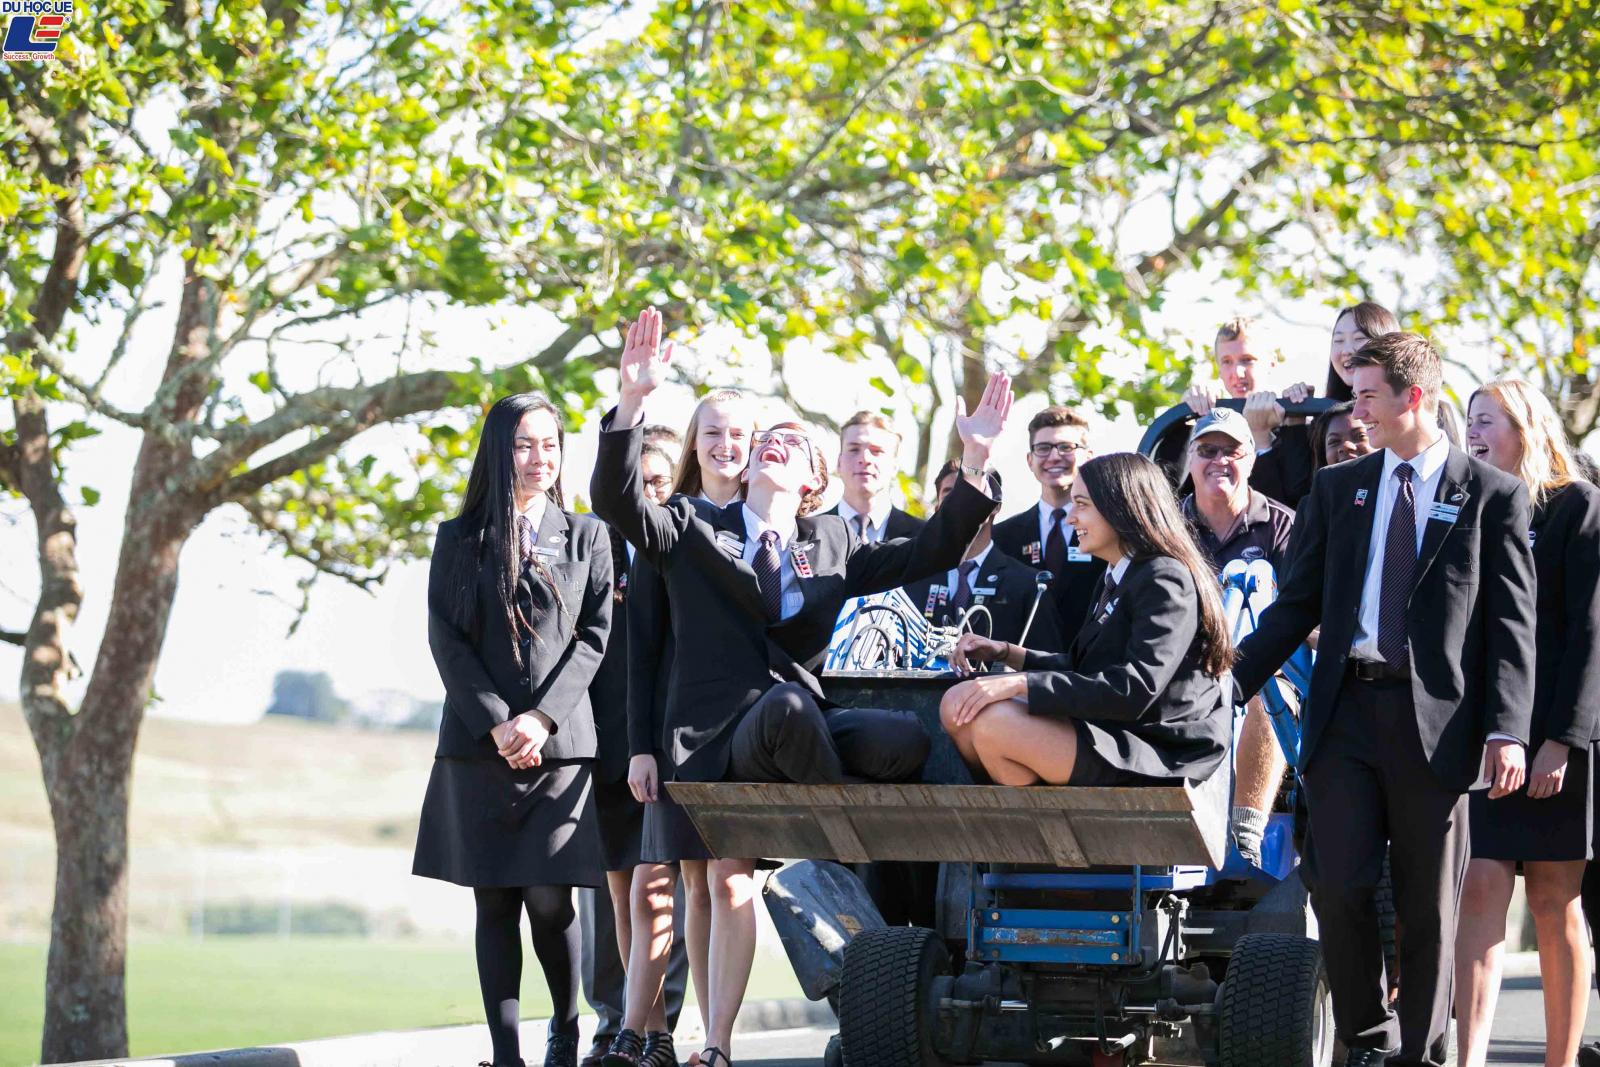 Học bổng hấp dẫn của chính phủ New Zealand dành cho chương trình trung học phổ thông vào trường Long Bay College